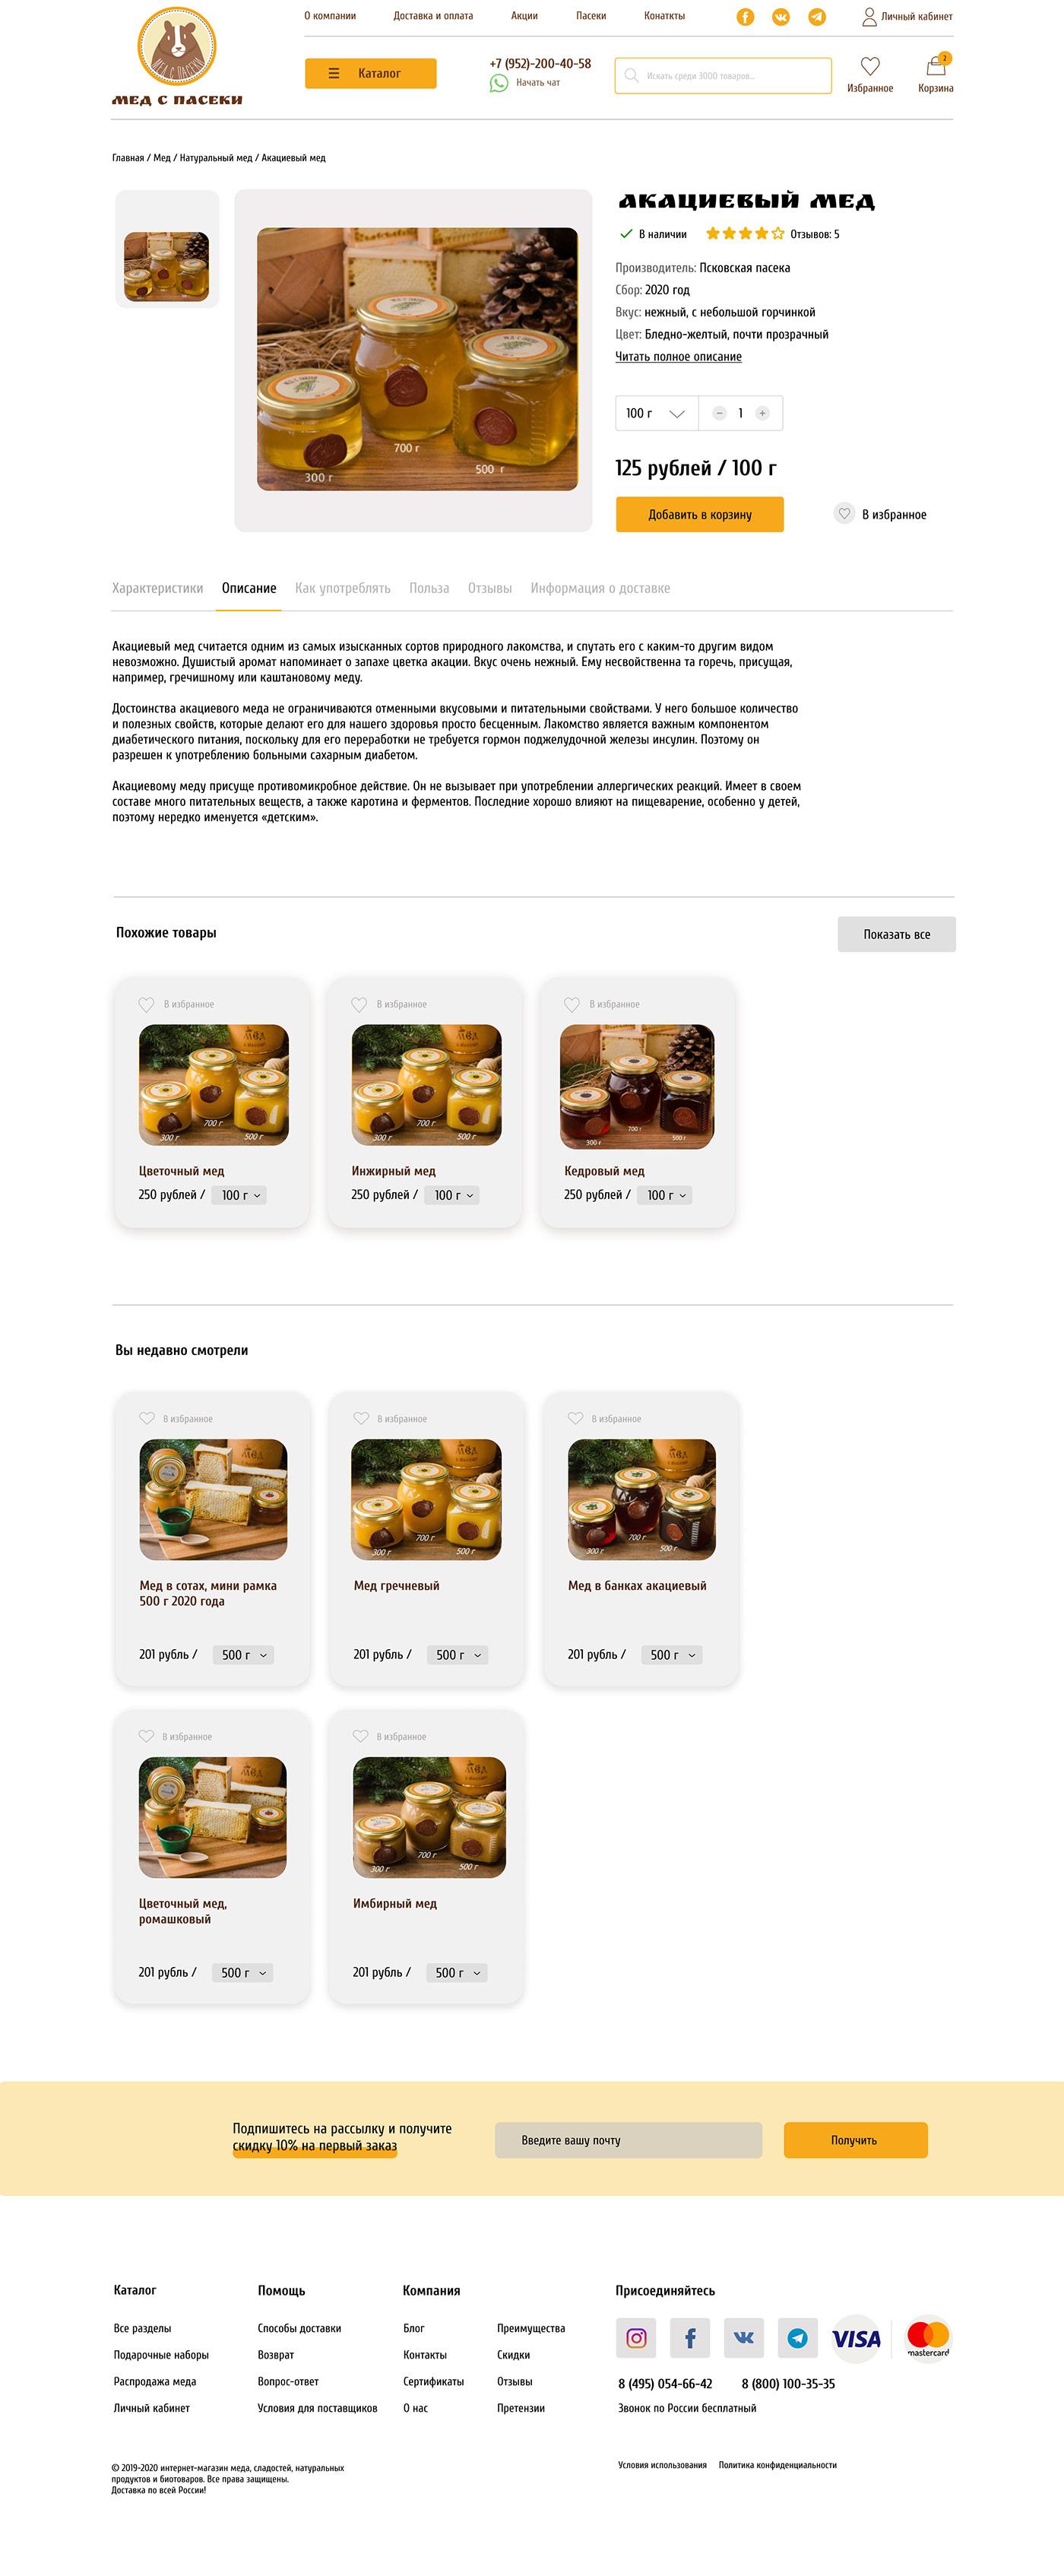 commerce e-commerce honey online-shop интернет-магазин магазин магазин меда мед